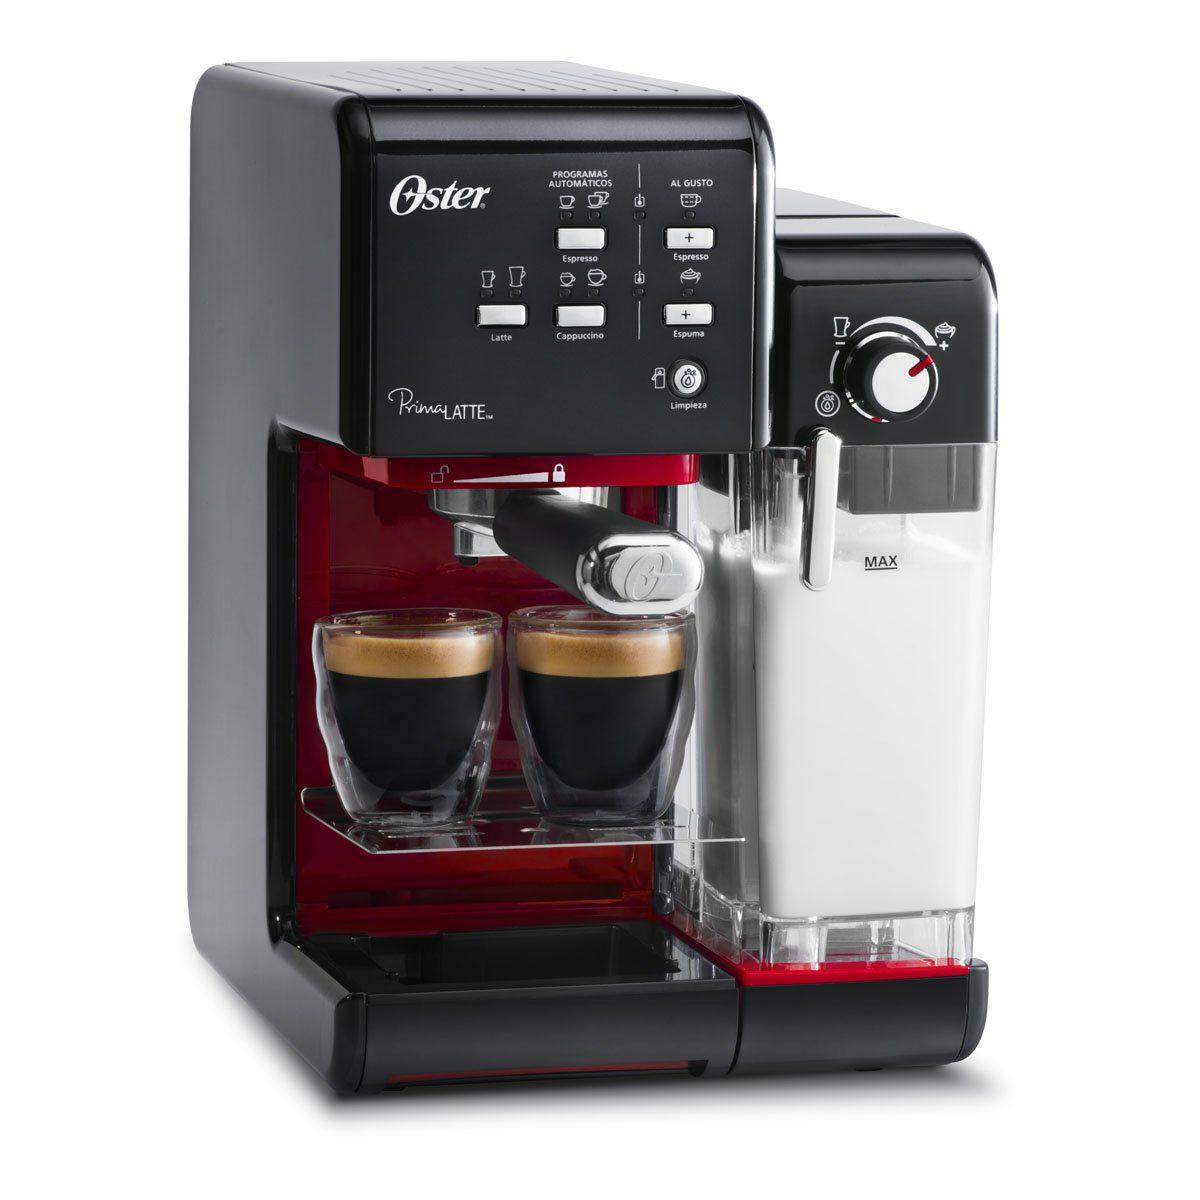 Claro Shop: Cafetera Prima Latte 2 Oster Espresso Capuchino